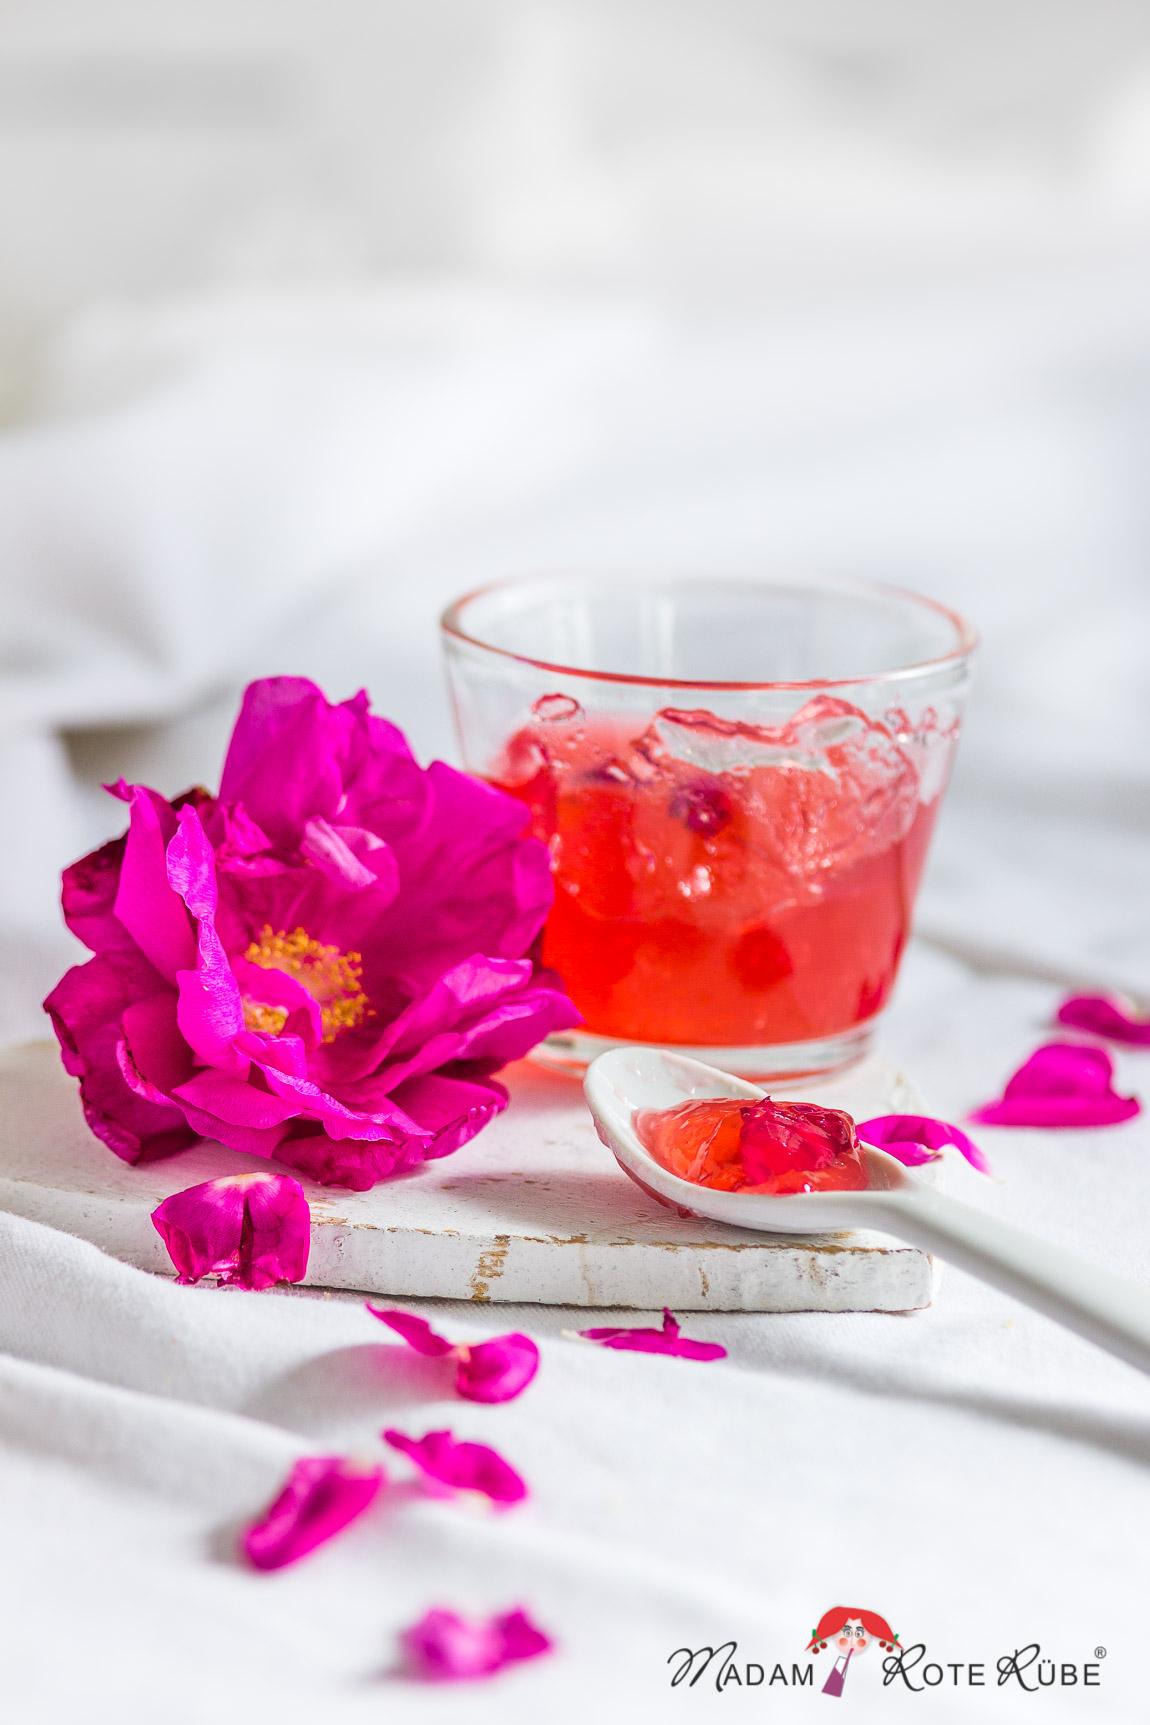 Madam Rote Rübe - Rosengelee mit Sekt